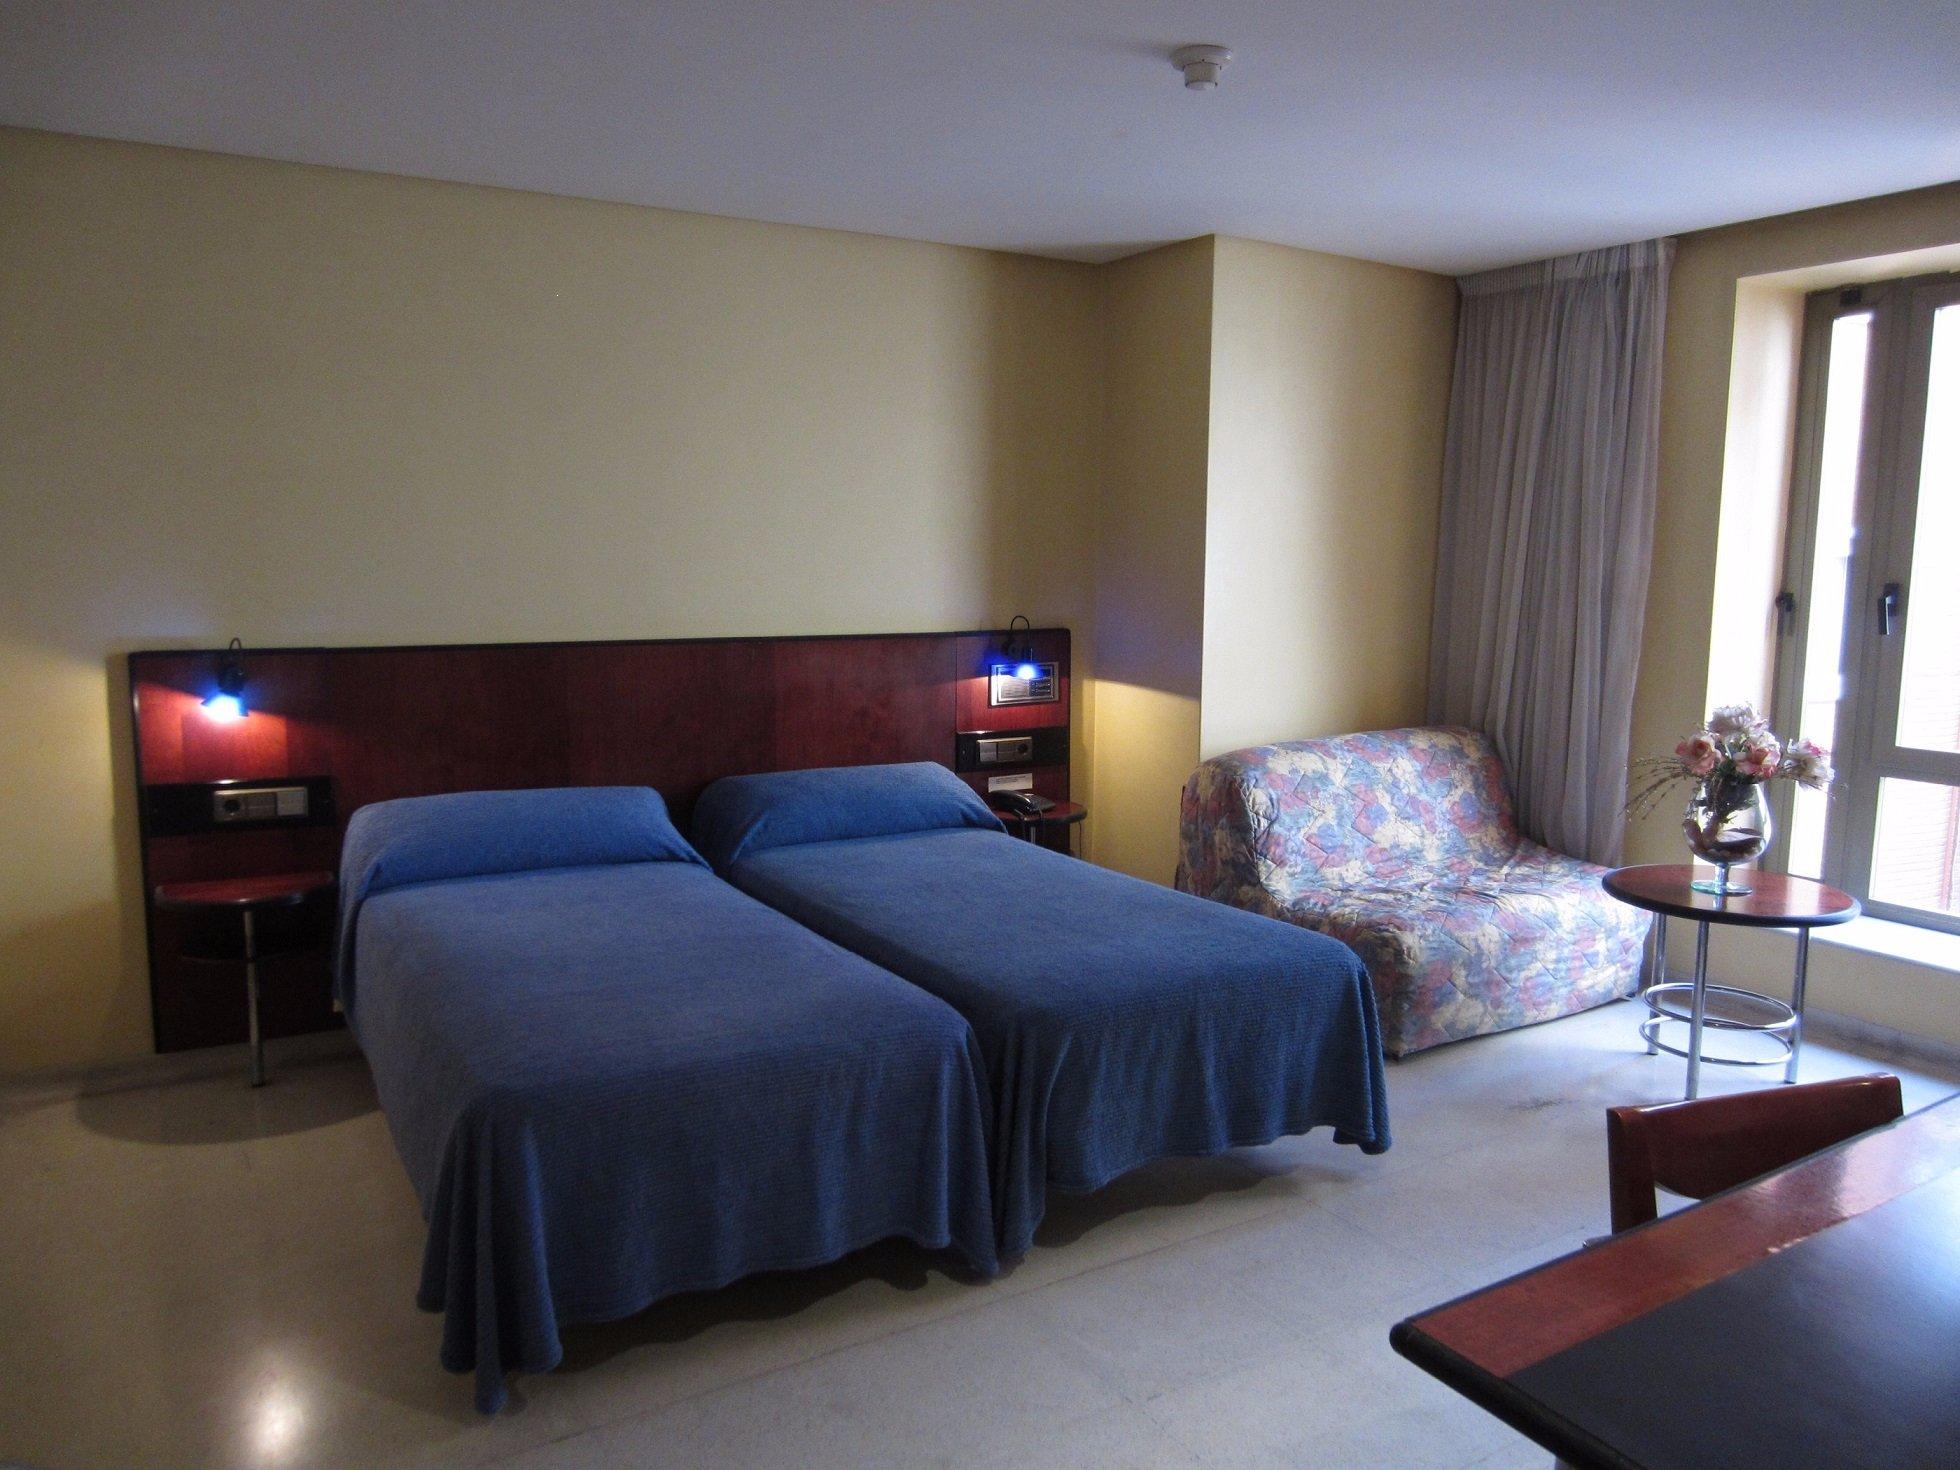 胡塔尼卡酒店